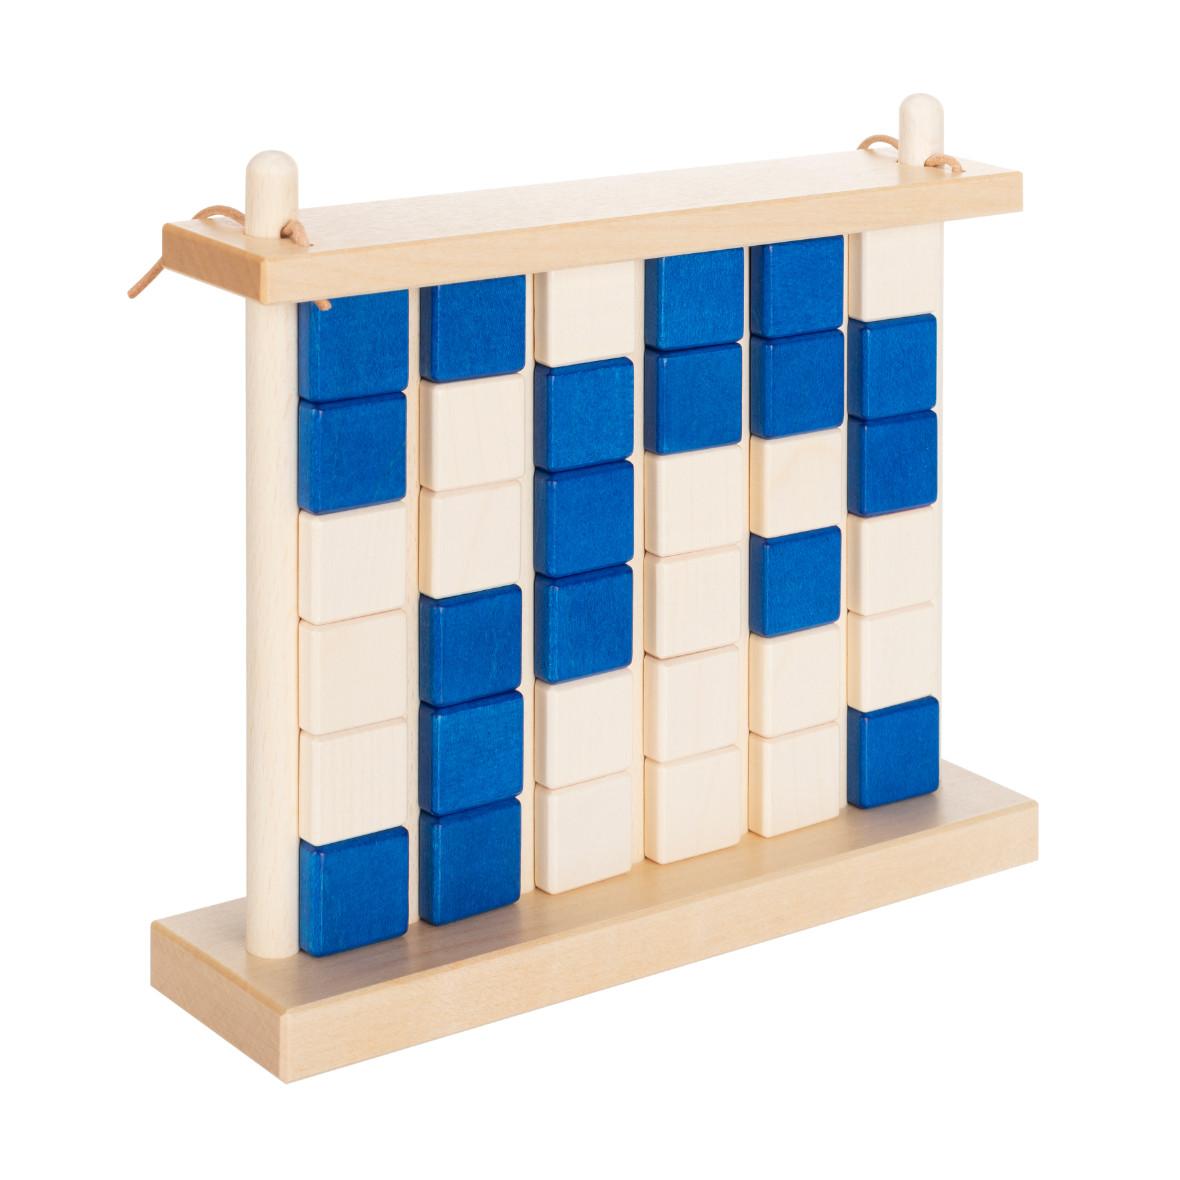 Vier-Gewinnt aus Holz von Ahorn Holz und Spiel, blau und verschlossen